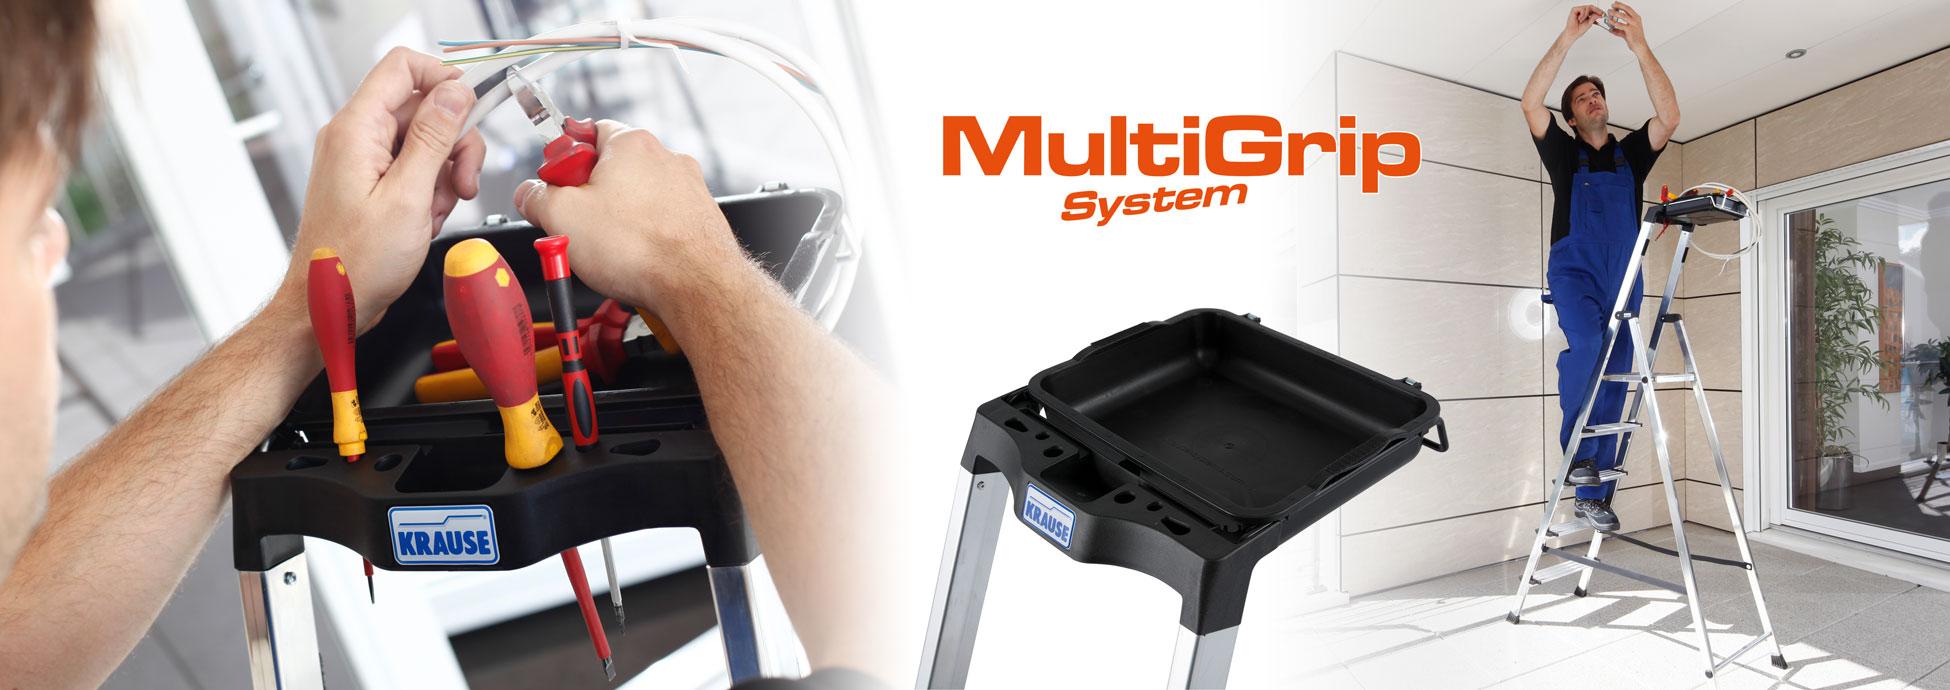 Das innovative KRAUSE MultiGrip-System